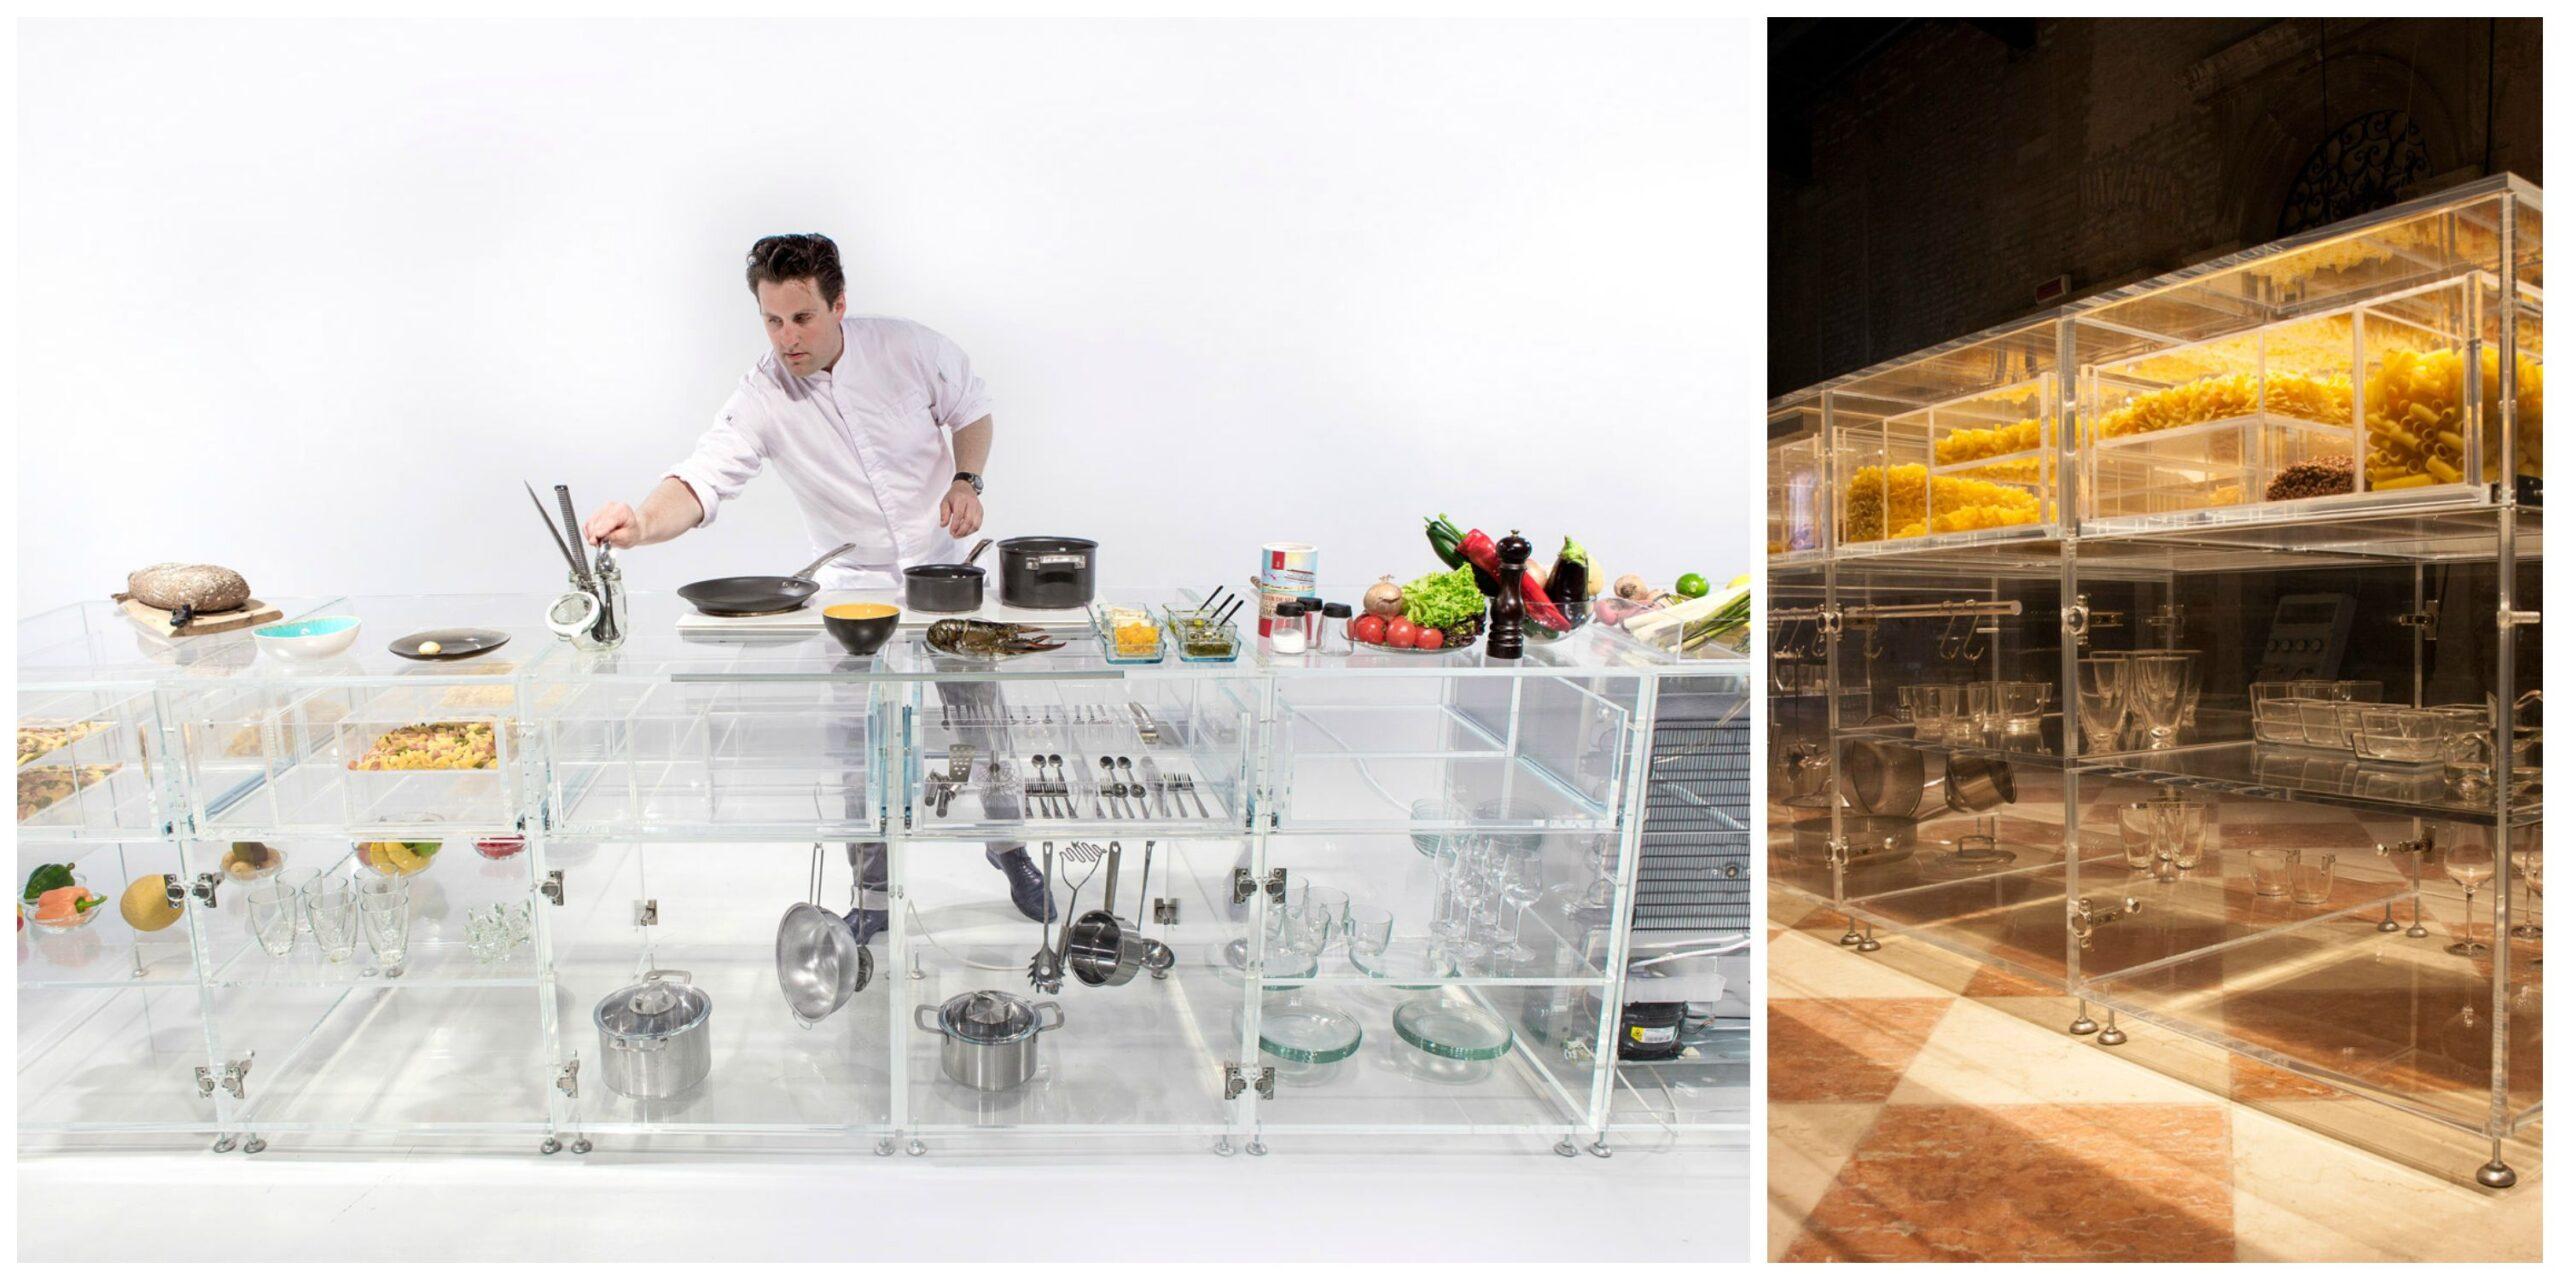 La cucina trasparente che migliora la preparazione dei cibi